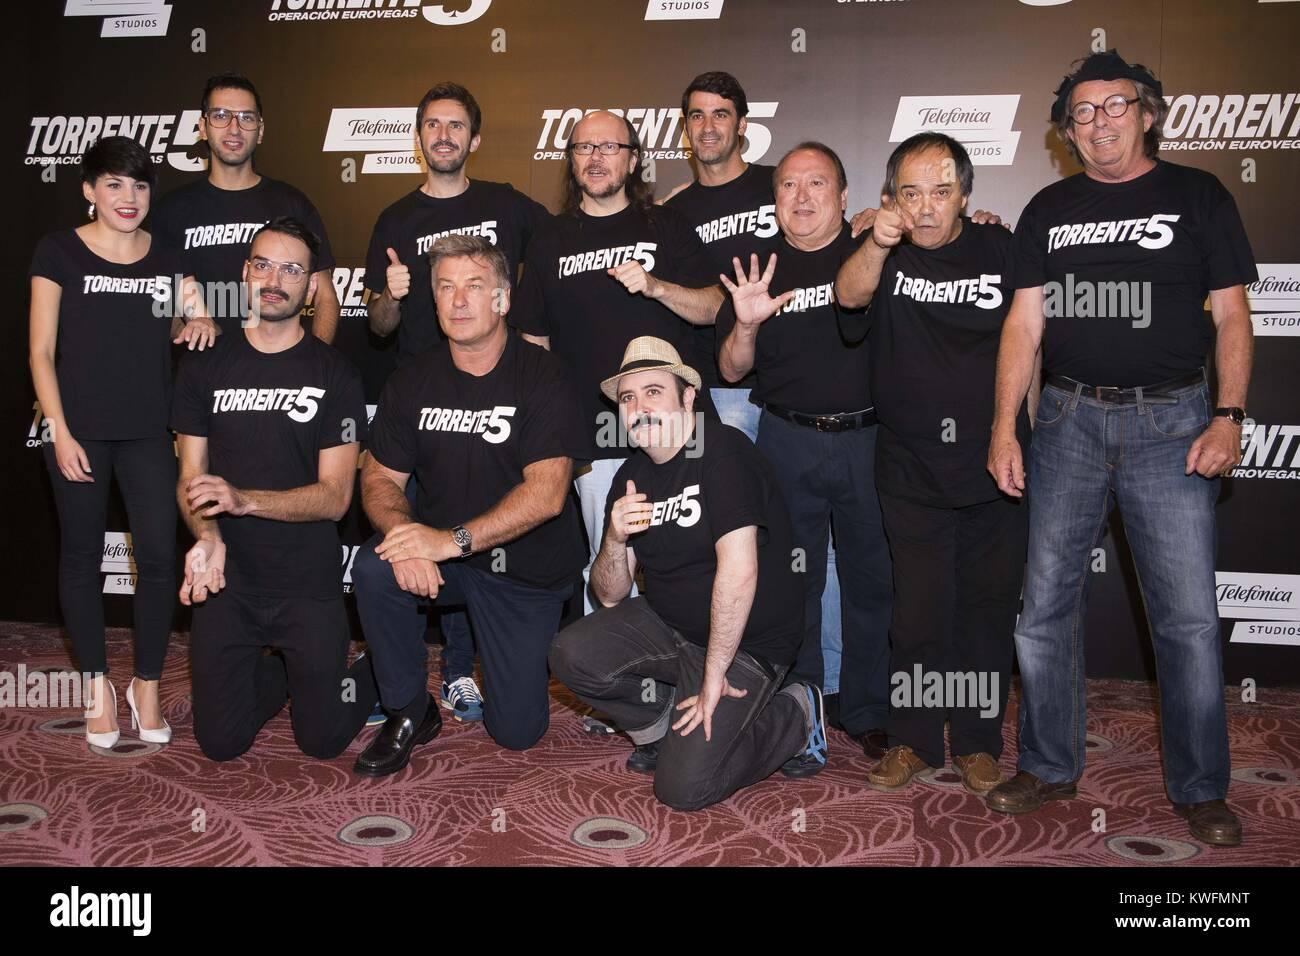 ¿Cuánto mide Julián López? - Altura - Página 4 Madrid-espana-30-de-septiembre-l-r-carlos-areces-julian-lopez-alec-baldwin-santiago-segura-angy-fernando-esteso-y-jesus-janeiro-asistir-a-torrente-5-operacion-eurovegas-photocall-en-el-casino-gran-madrid-el-30-de-septiembre-de-2014-en-madrid-espana-personas-alec-baldwin-kwfmnt